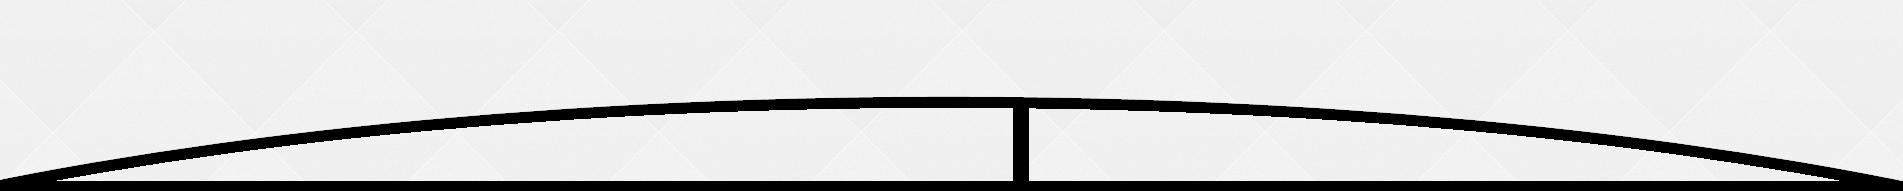 haut de page